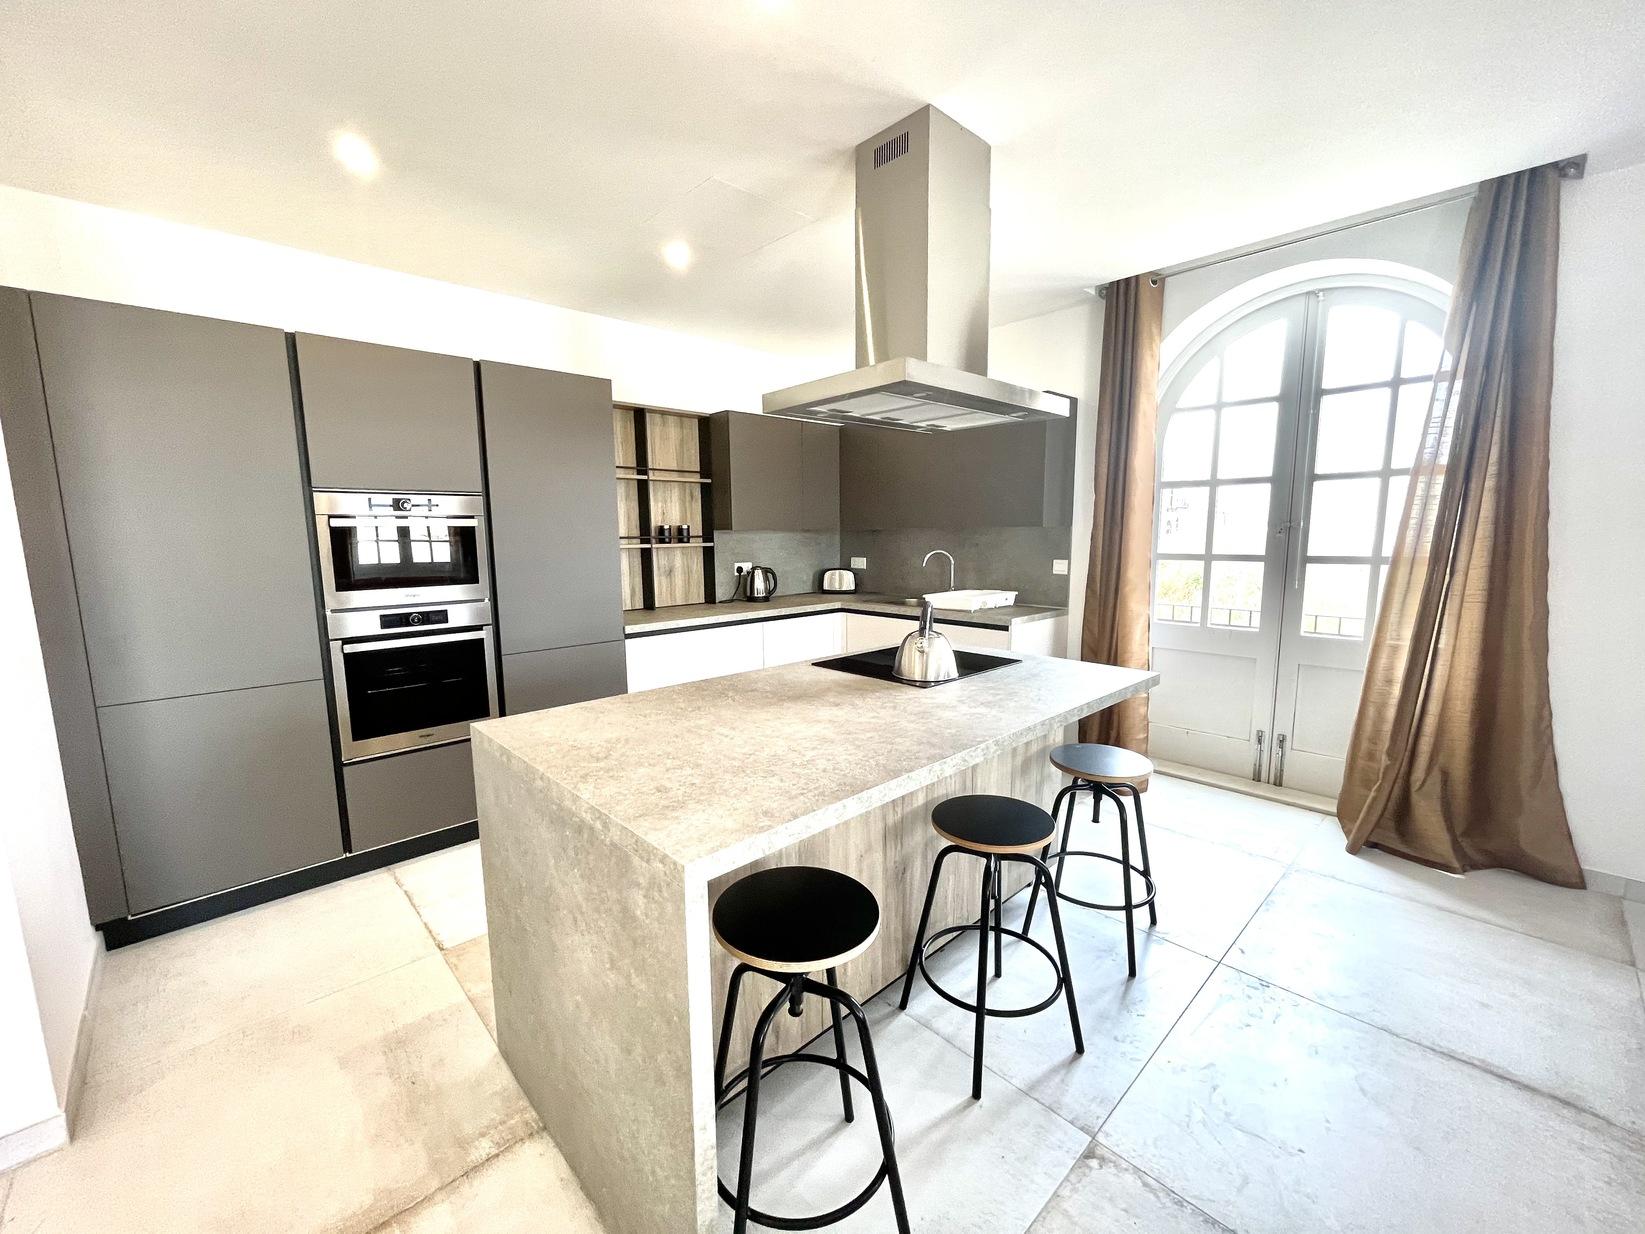 3 bed Apartment For Rent in Kalkara, Kalkara - thumb 7